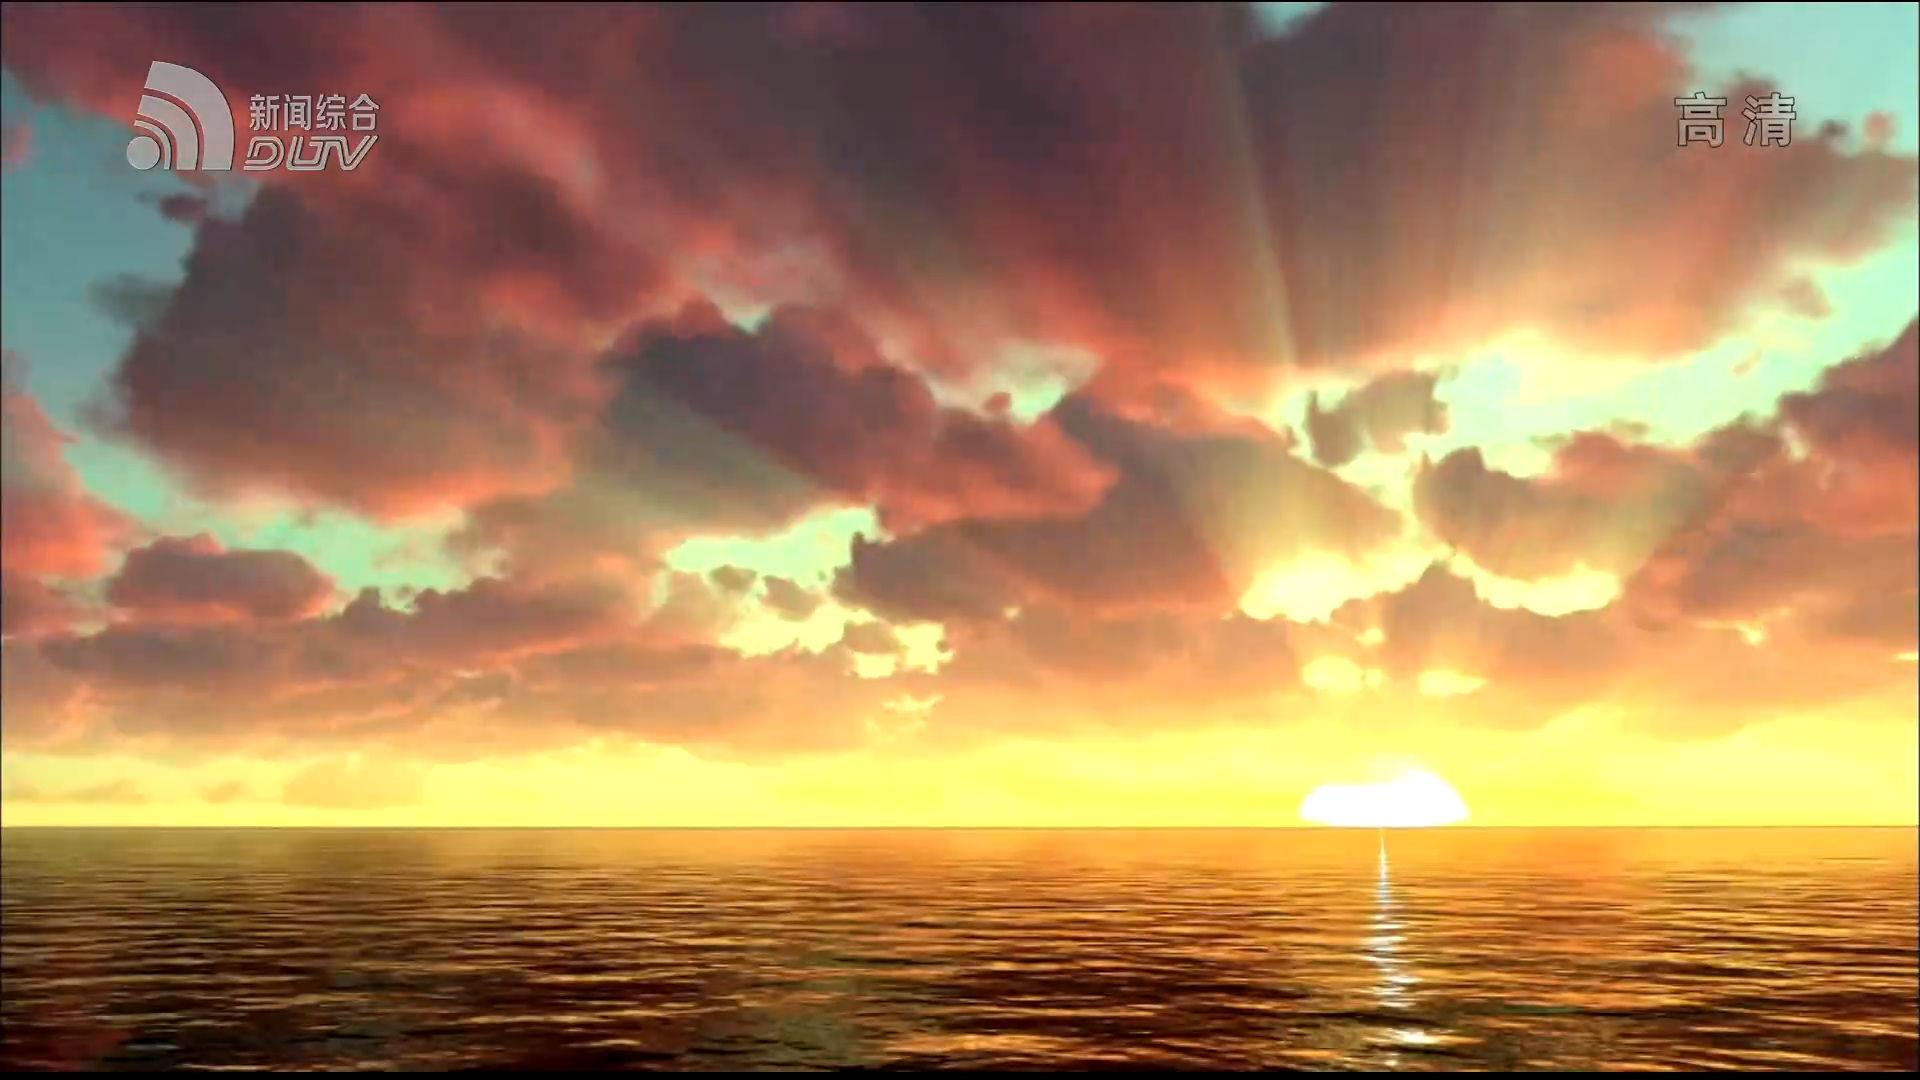 百年初心-半岛人歌动地诗(下)《曙光召唤》